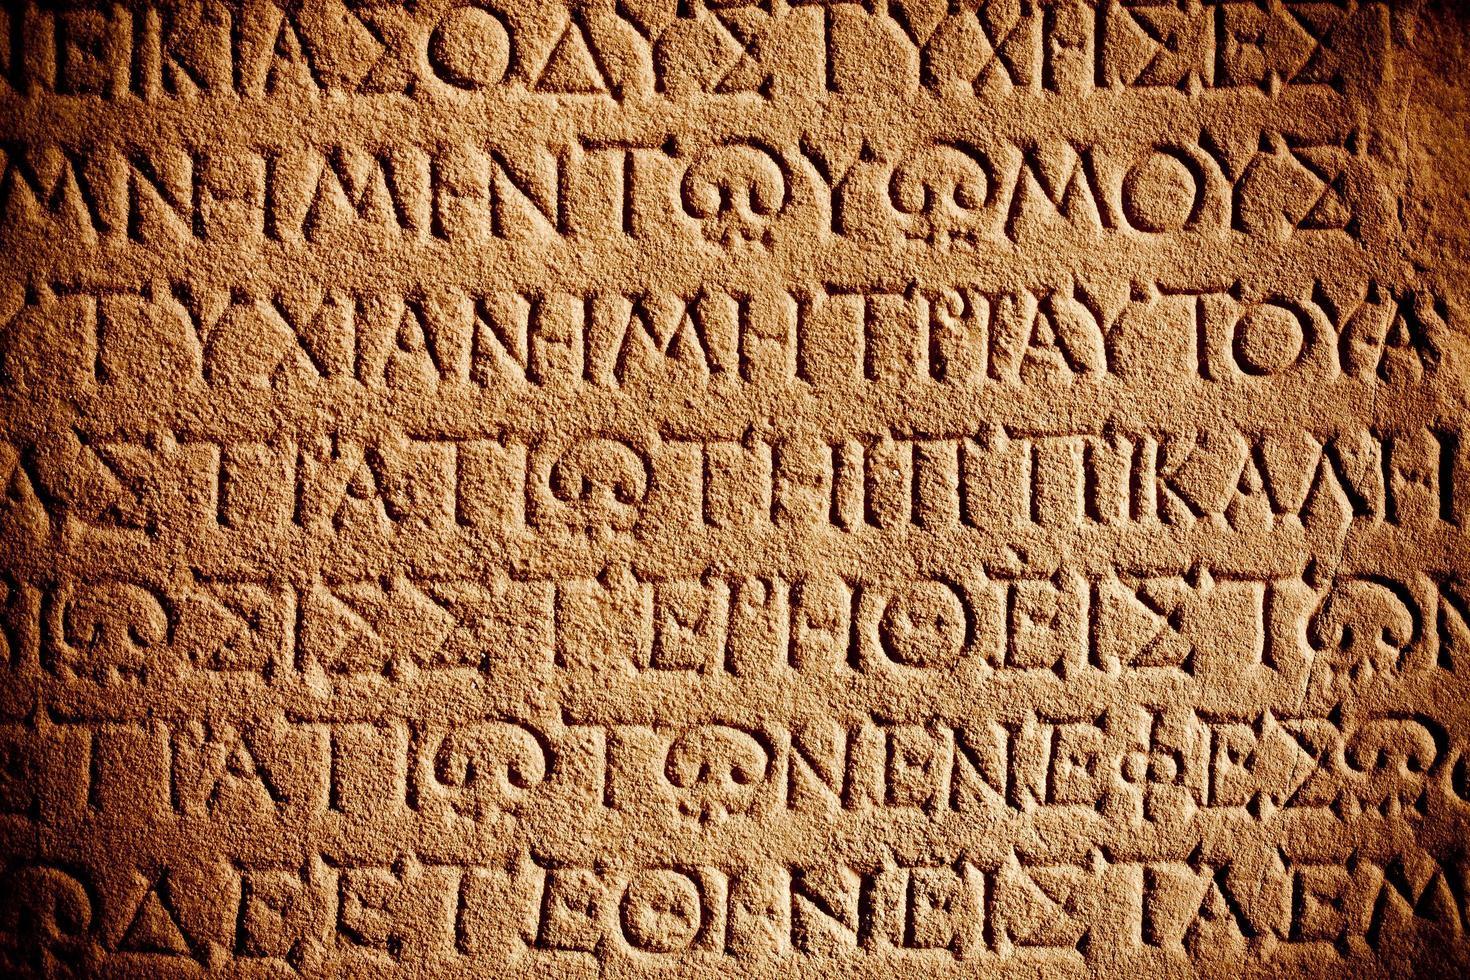 mots grecs antiques sur marbre photo